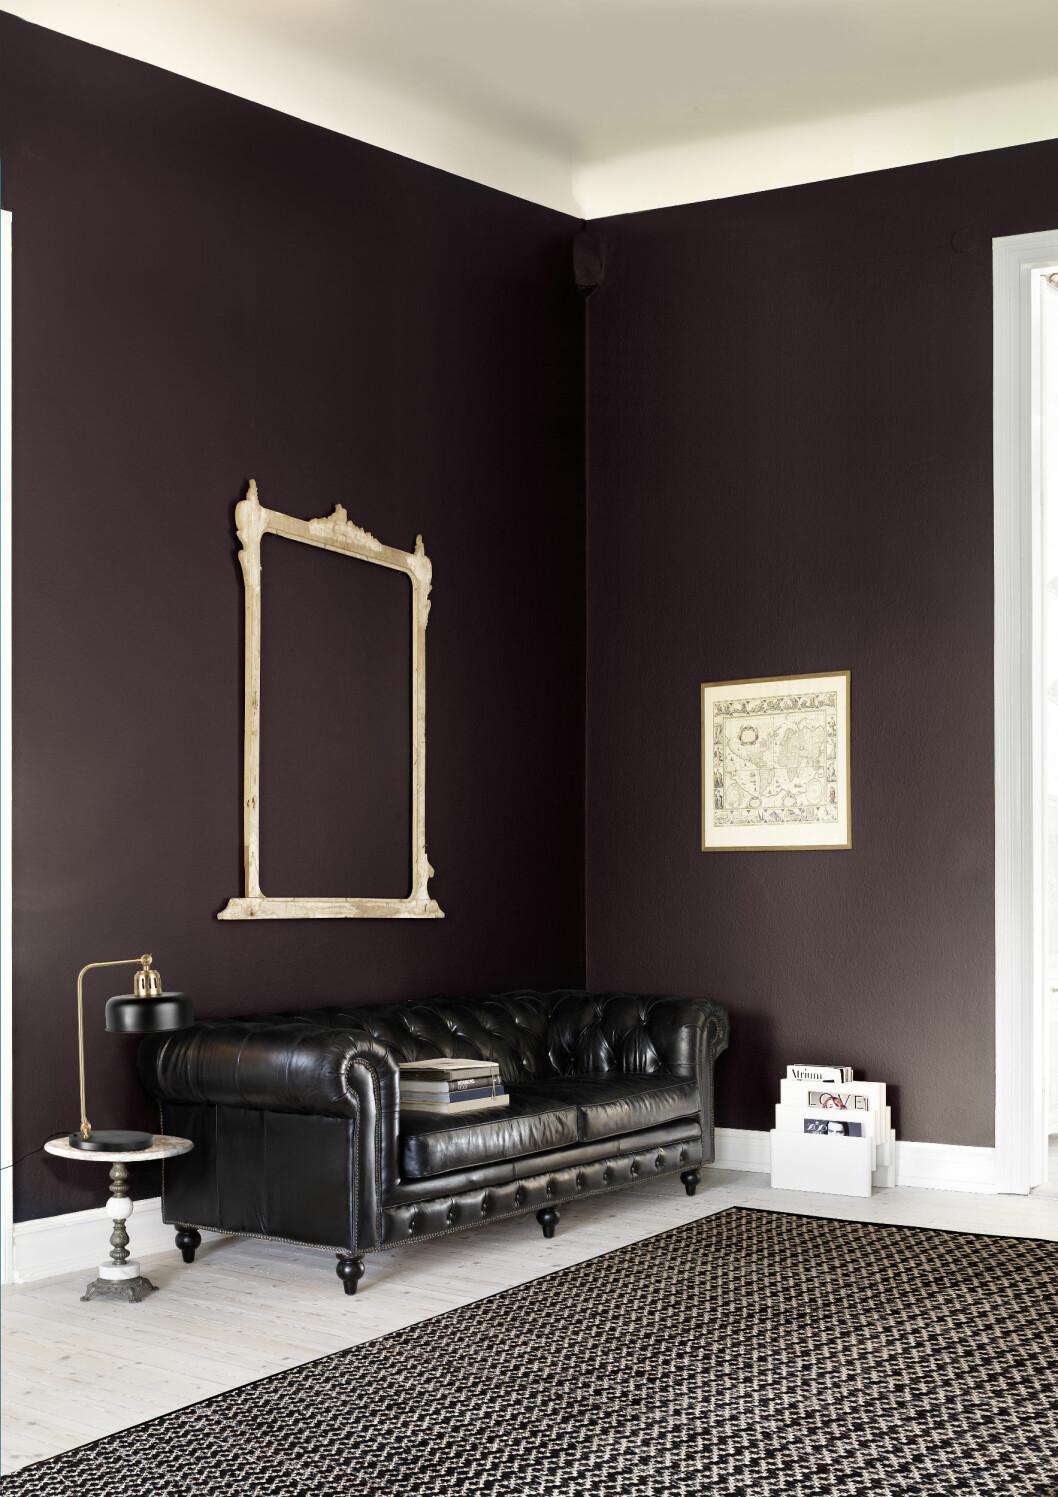 MAUVE: Gir et herskapelig uttrykk. Chesterfield-sofa og teppe fra Lauritz.com. Foto: Sara Svenningsrud